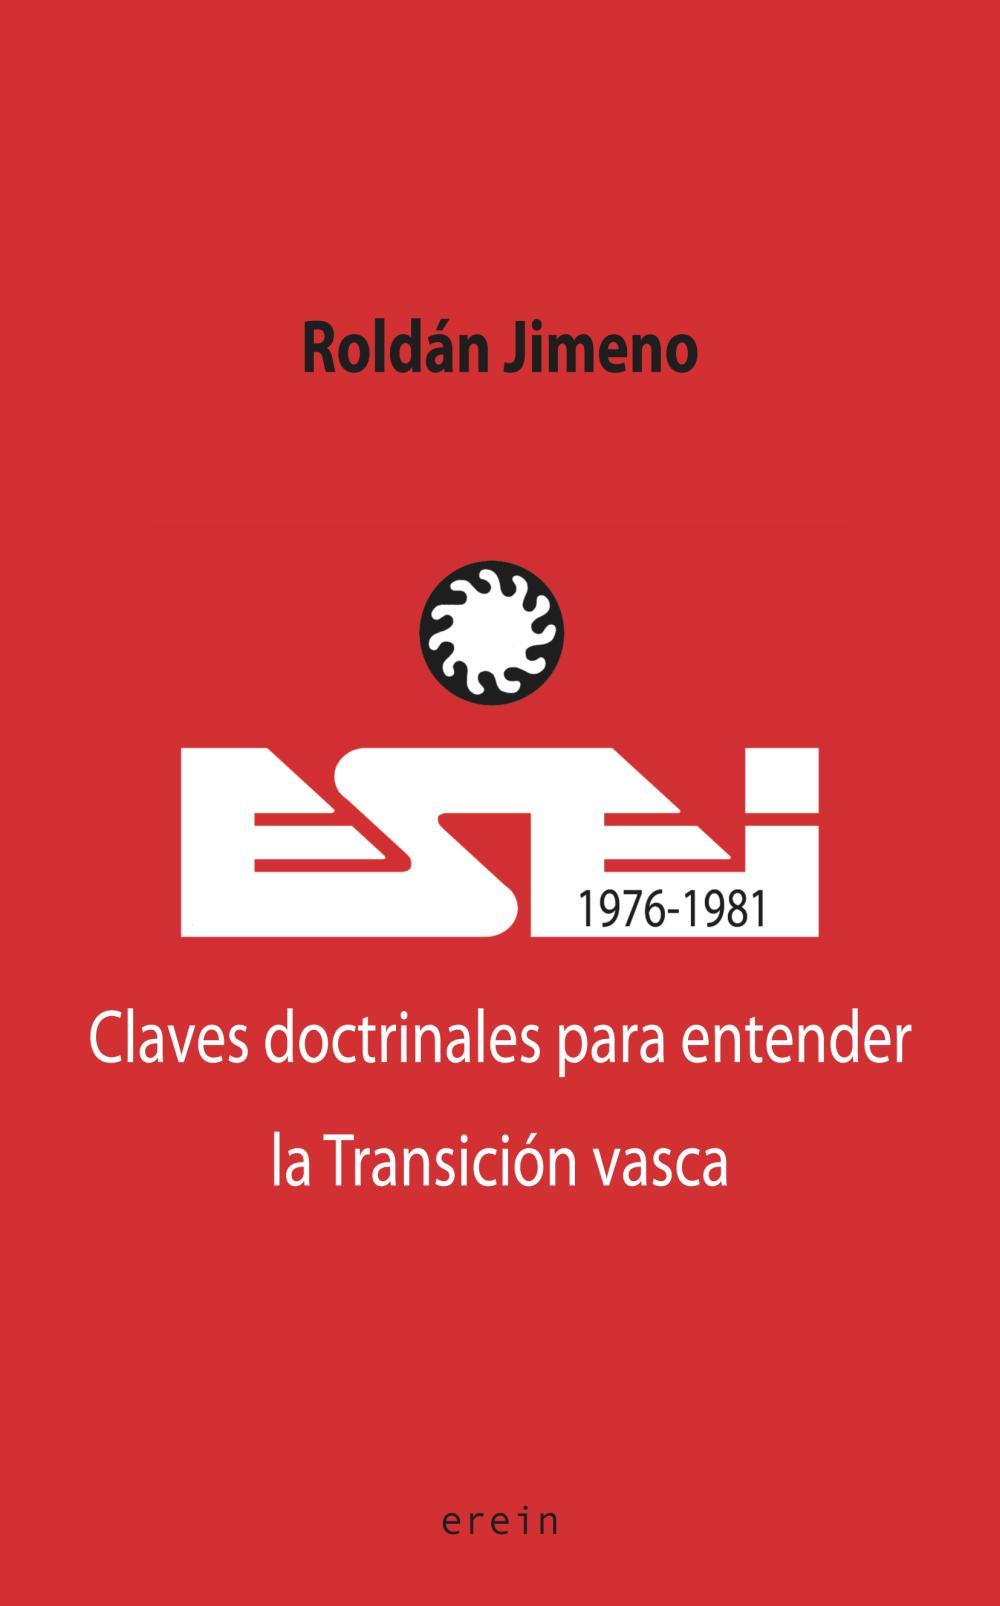 ESEI (1976-1981). Claves doctrinales para entender la Transición vasca